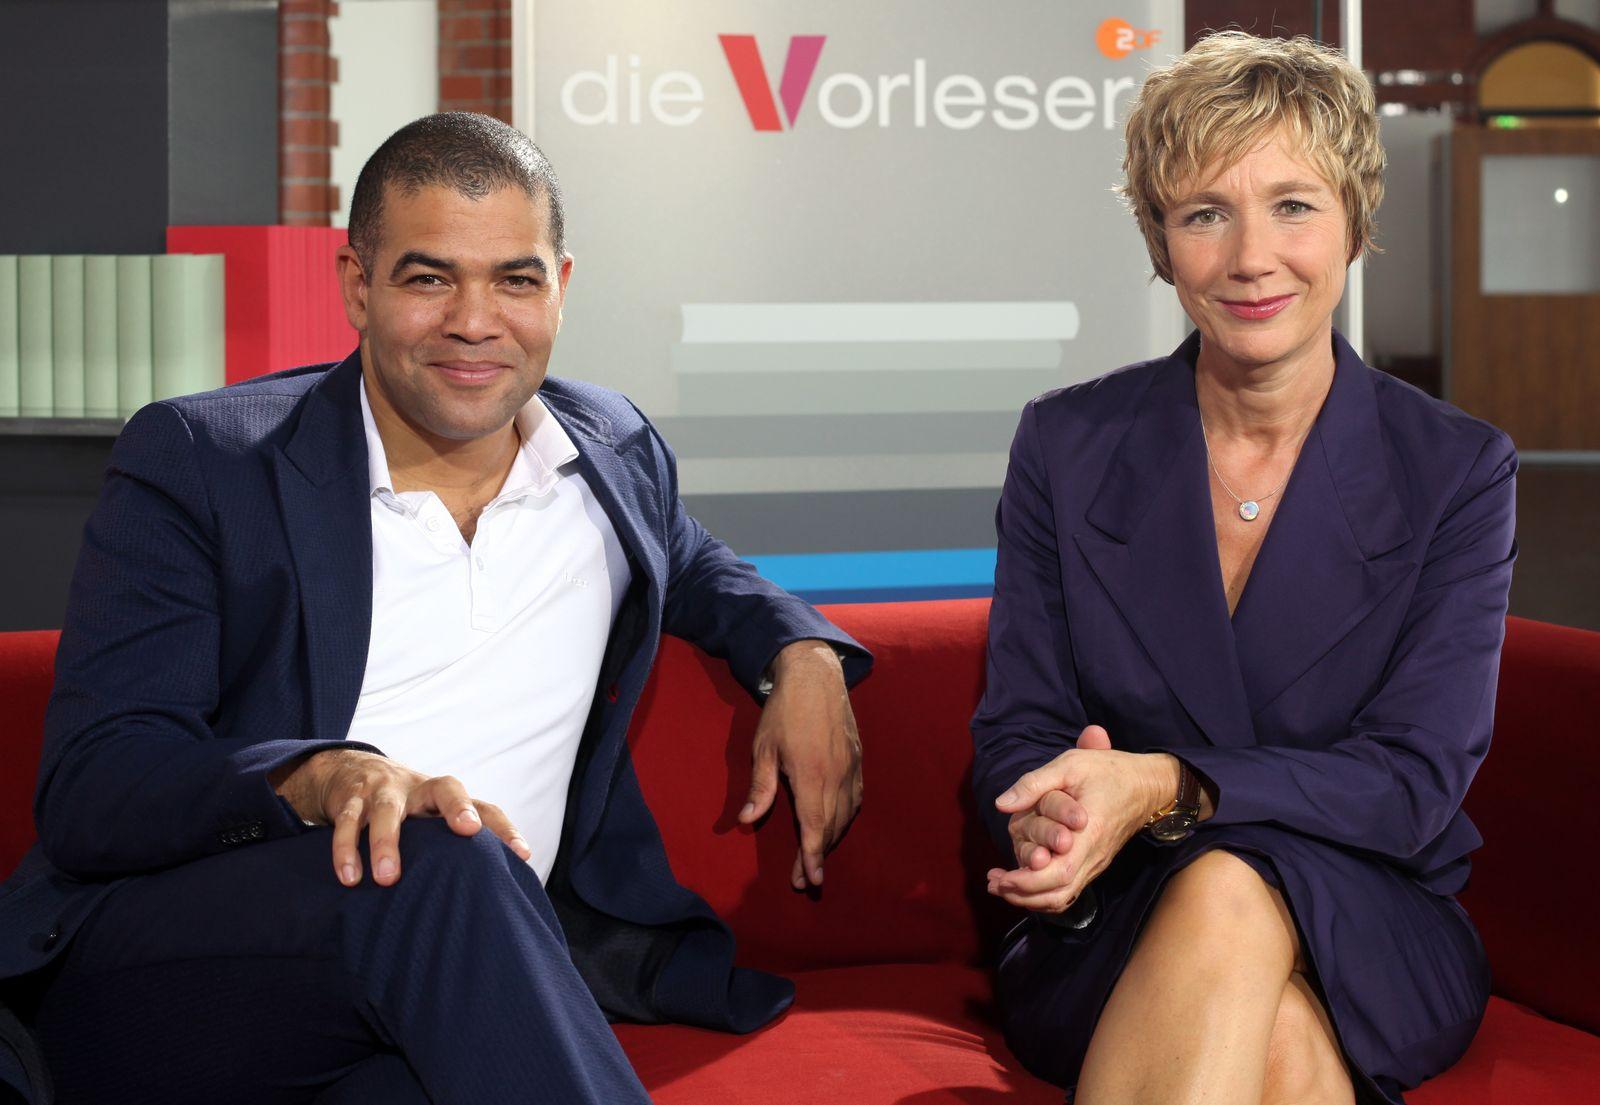 ZDF/ Die Vorleser/ Mangold/ Fried